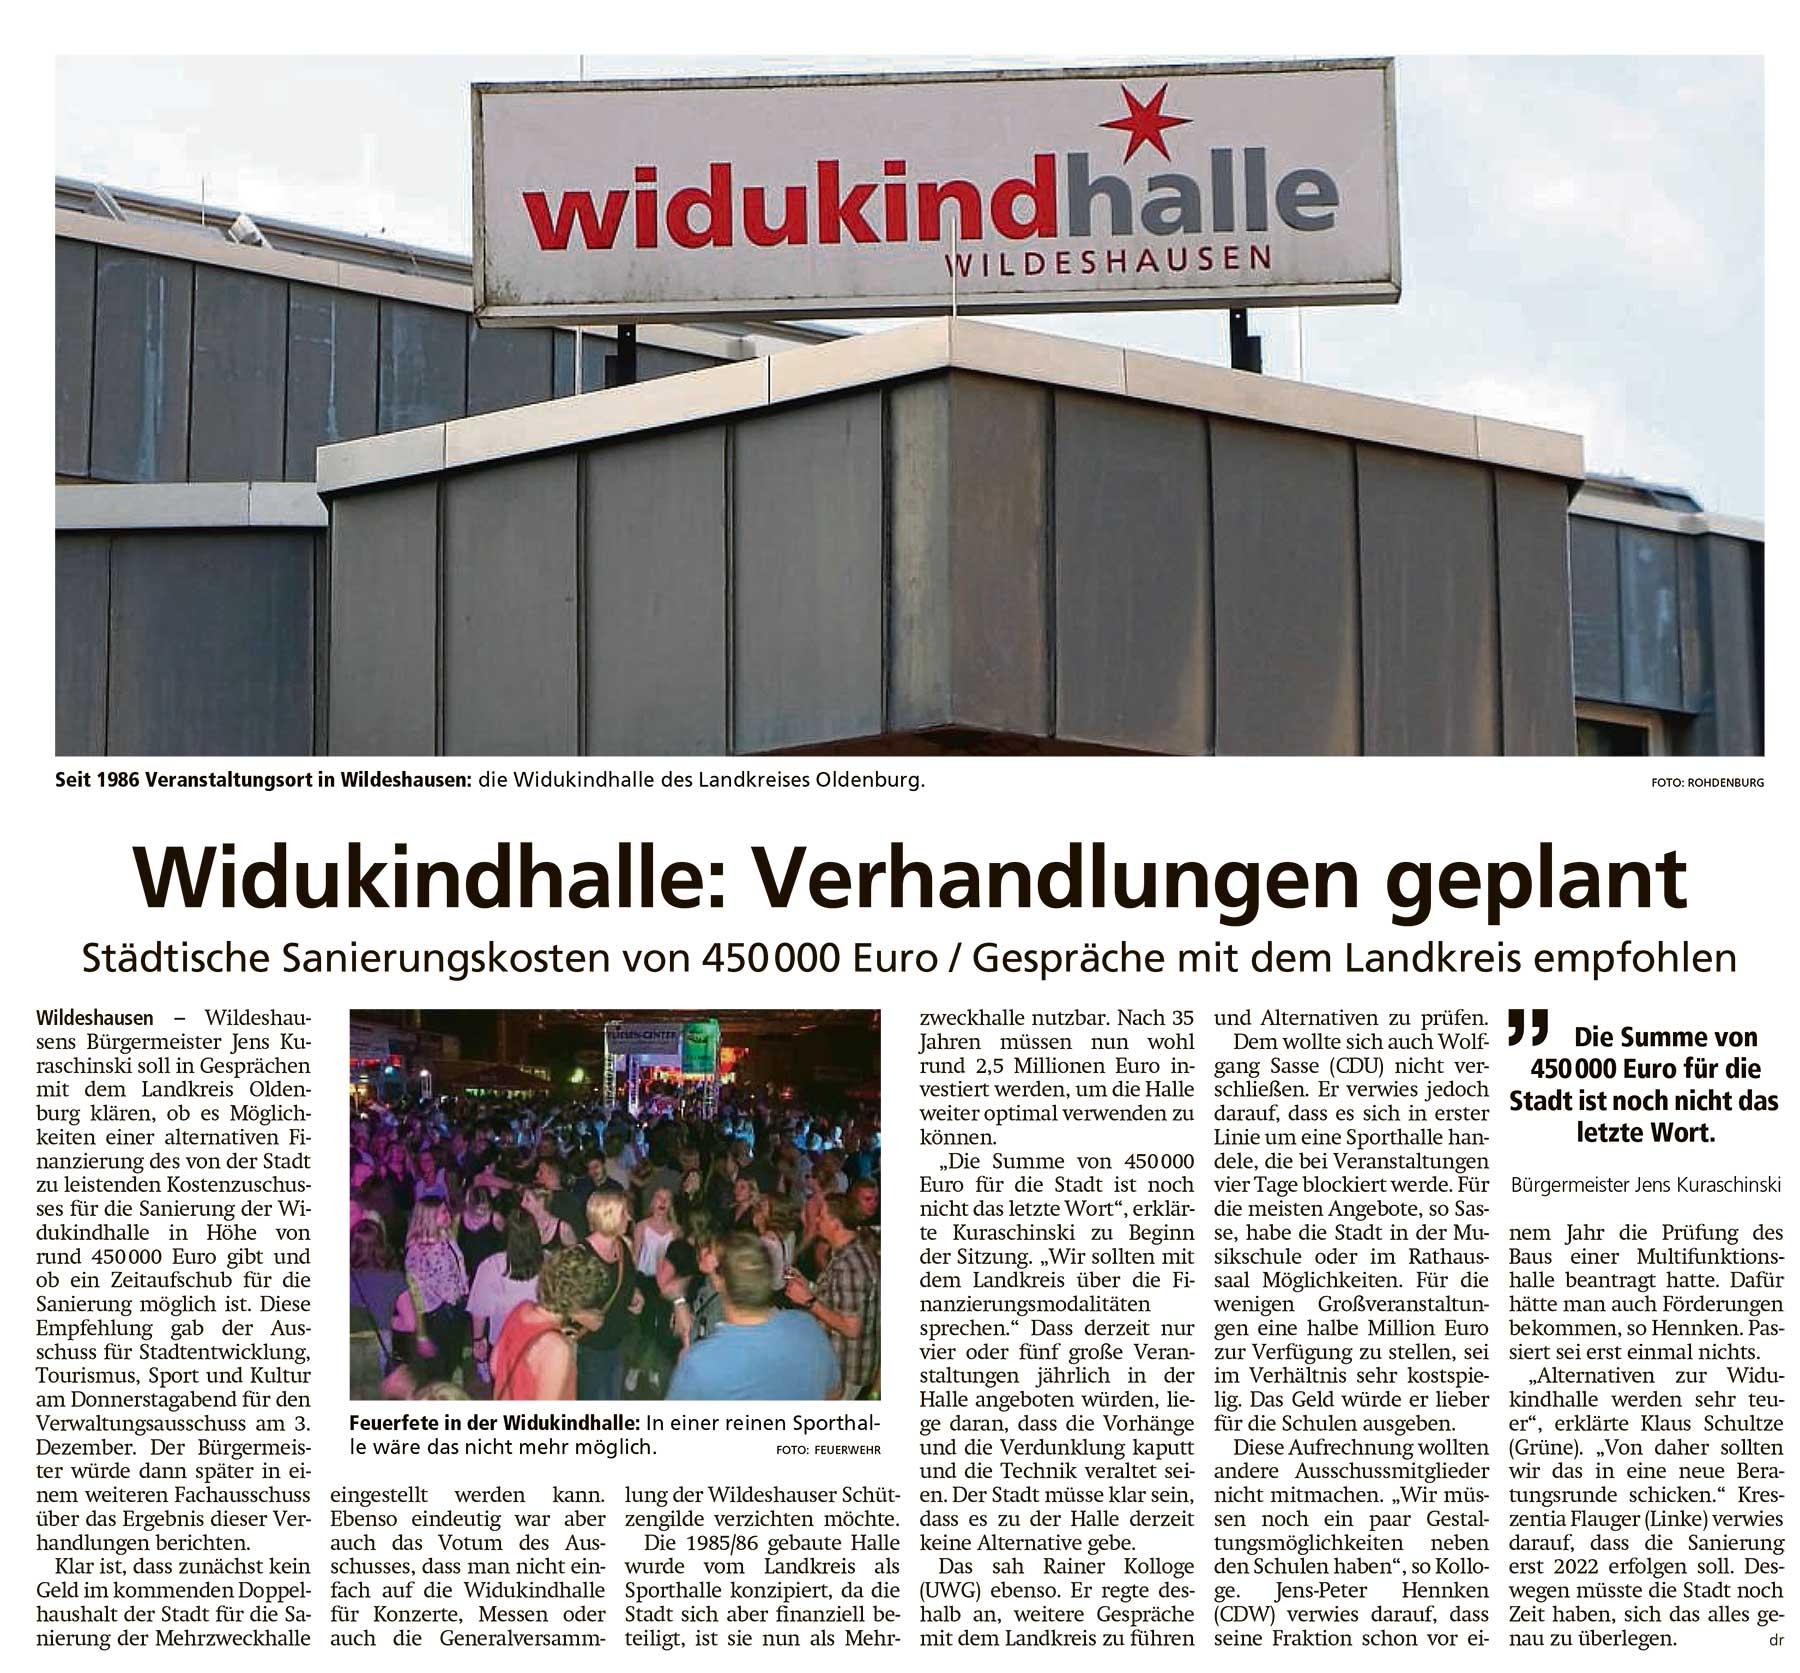 Widukindhalle: Verhandlungen geplantStädtische Sanierungskosten von 450 000 Euro / Gespräche mit dem Landkreis empfohlenArtikel vom 20.11.2020 (WZ)